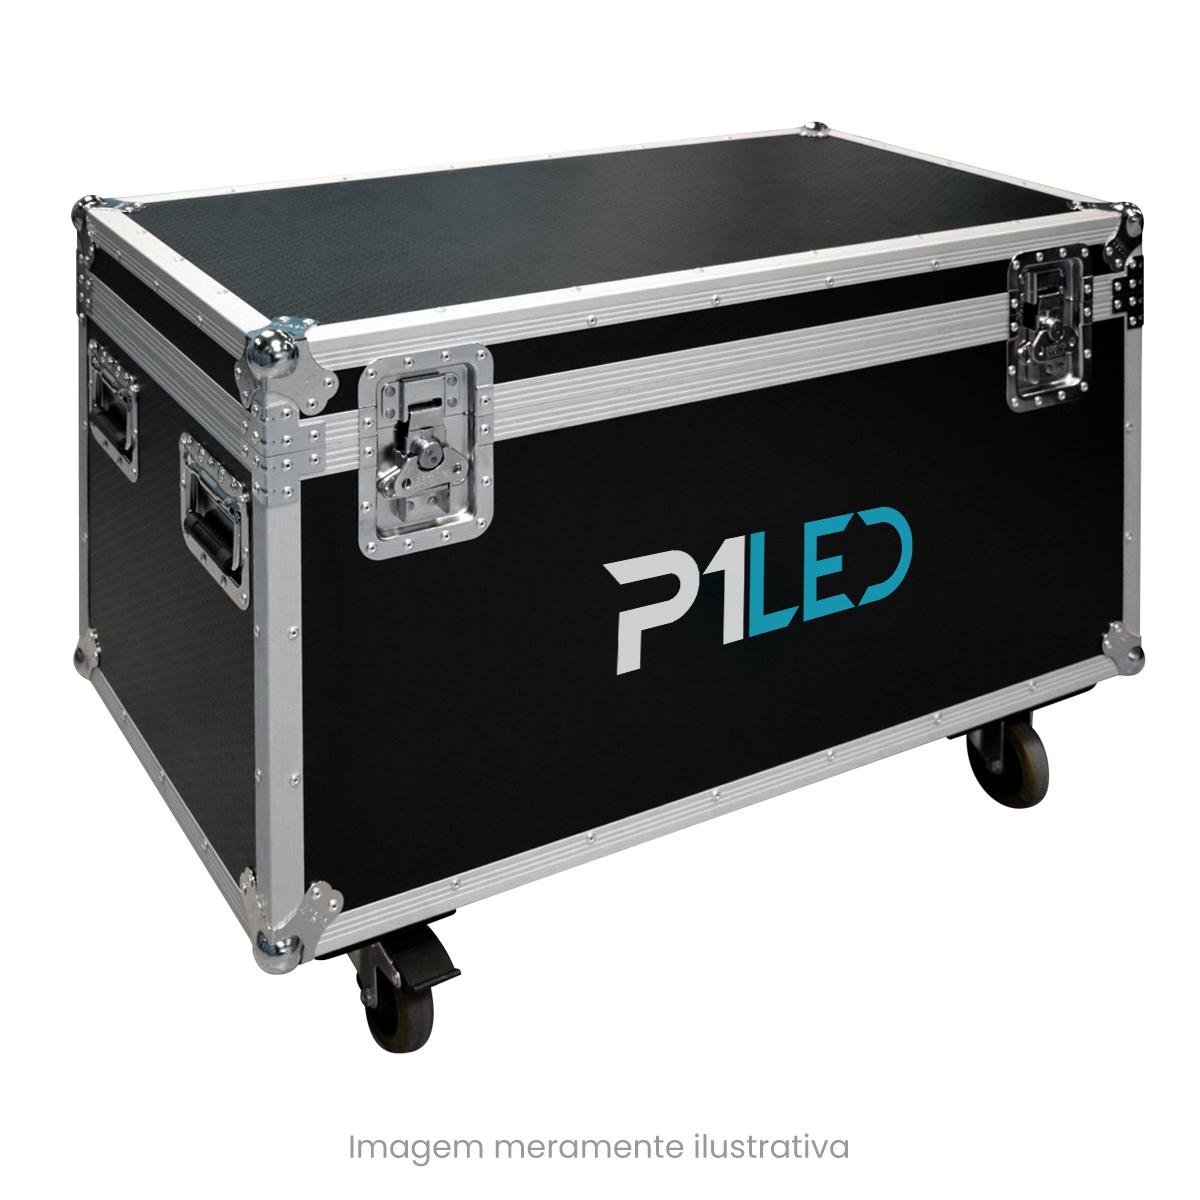 Painel de LED para Lojas e Comércios 1,92 x 1,28 - Telão P2.5 Indoor  - Painel e Telão de LED - O Melhor Preço em Painel de LED   P1LED